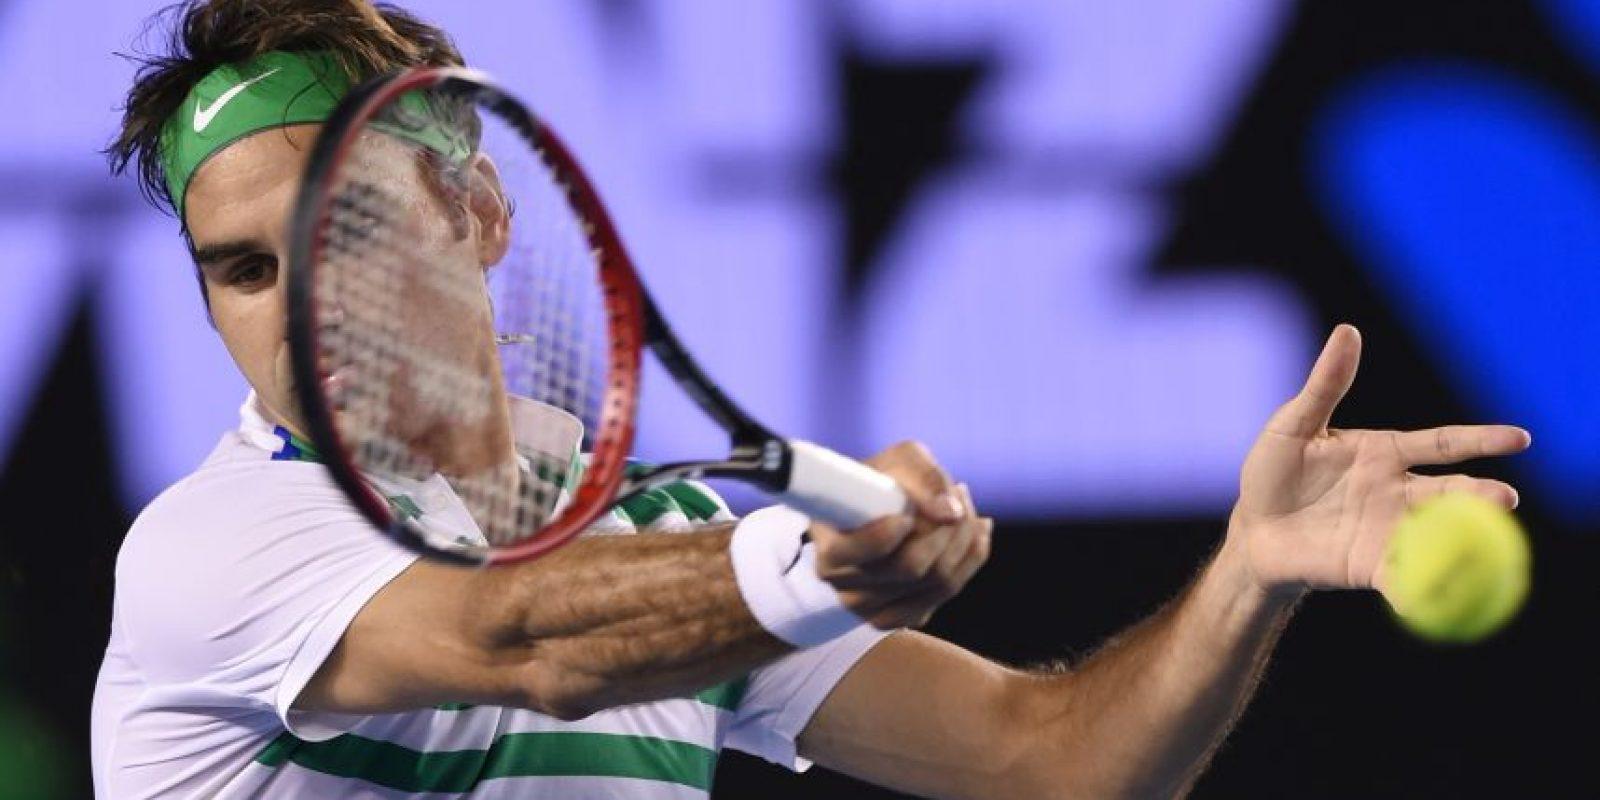 El tenista de Suiza devuelve un servicio. Foto:AFP